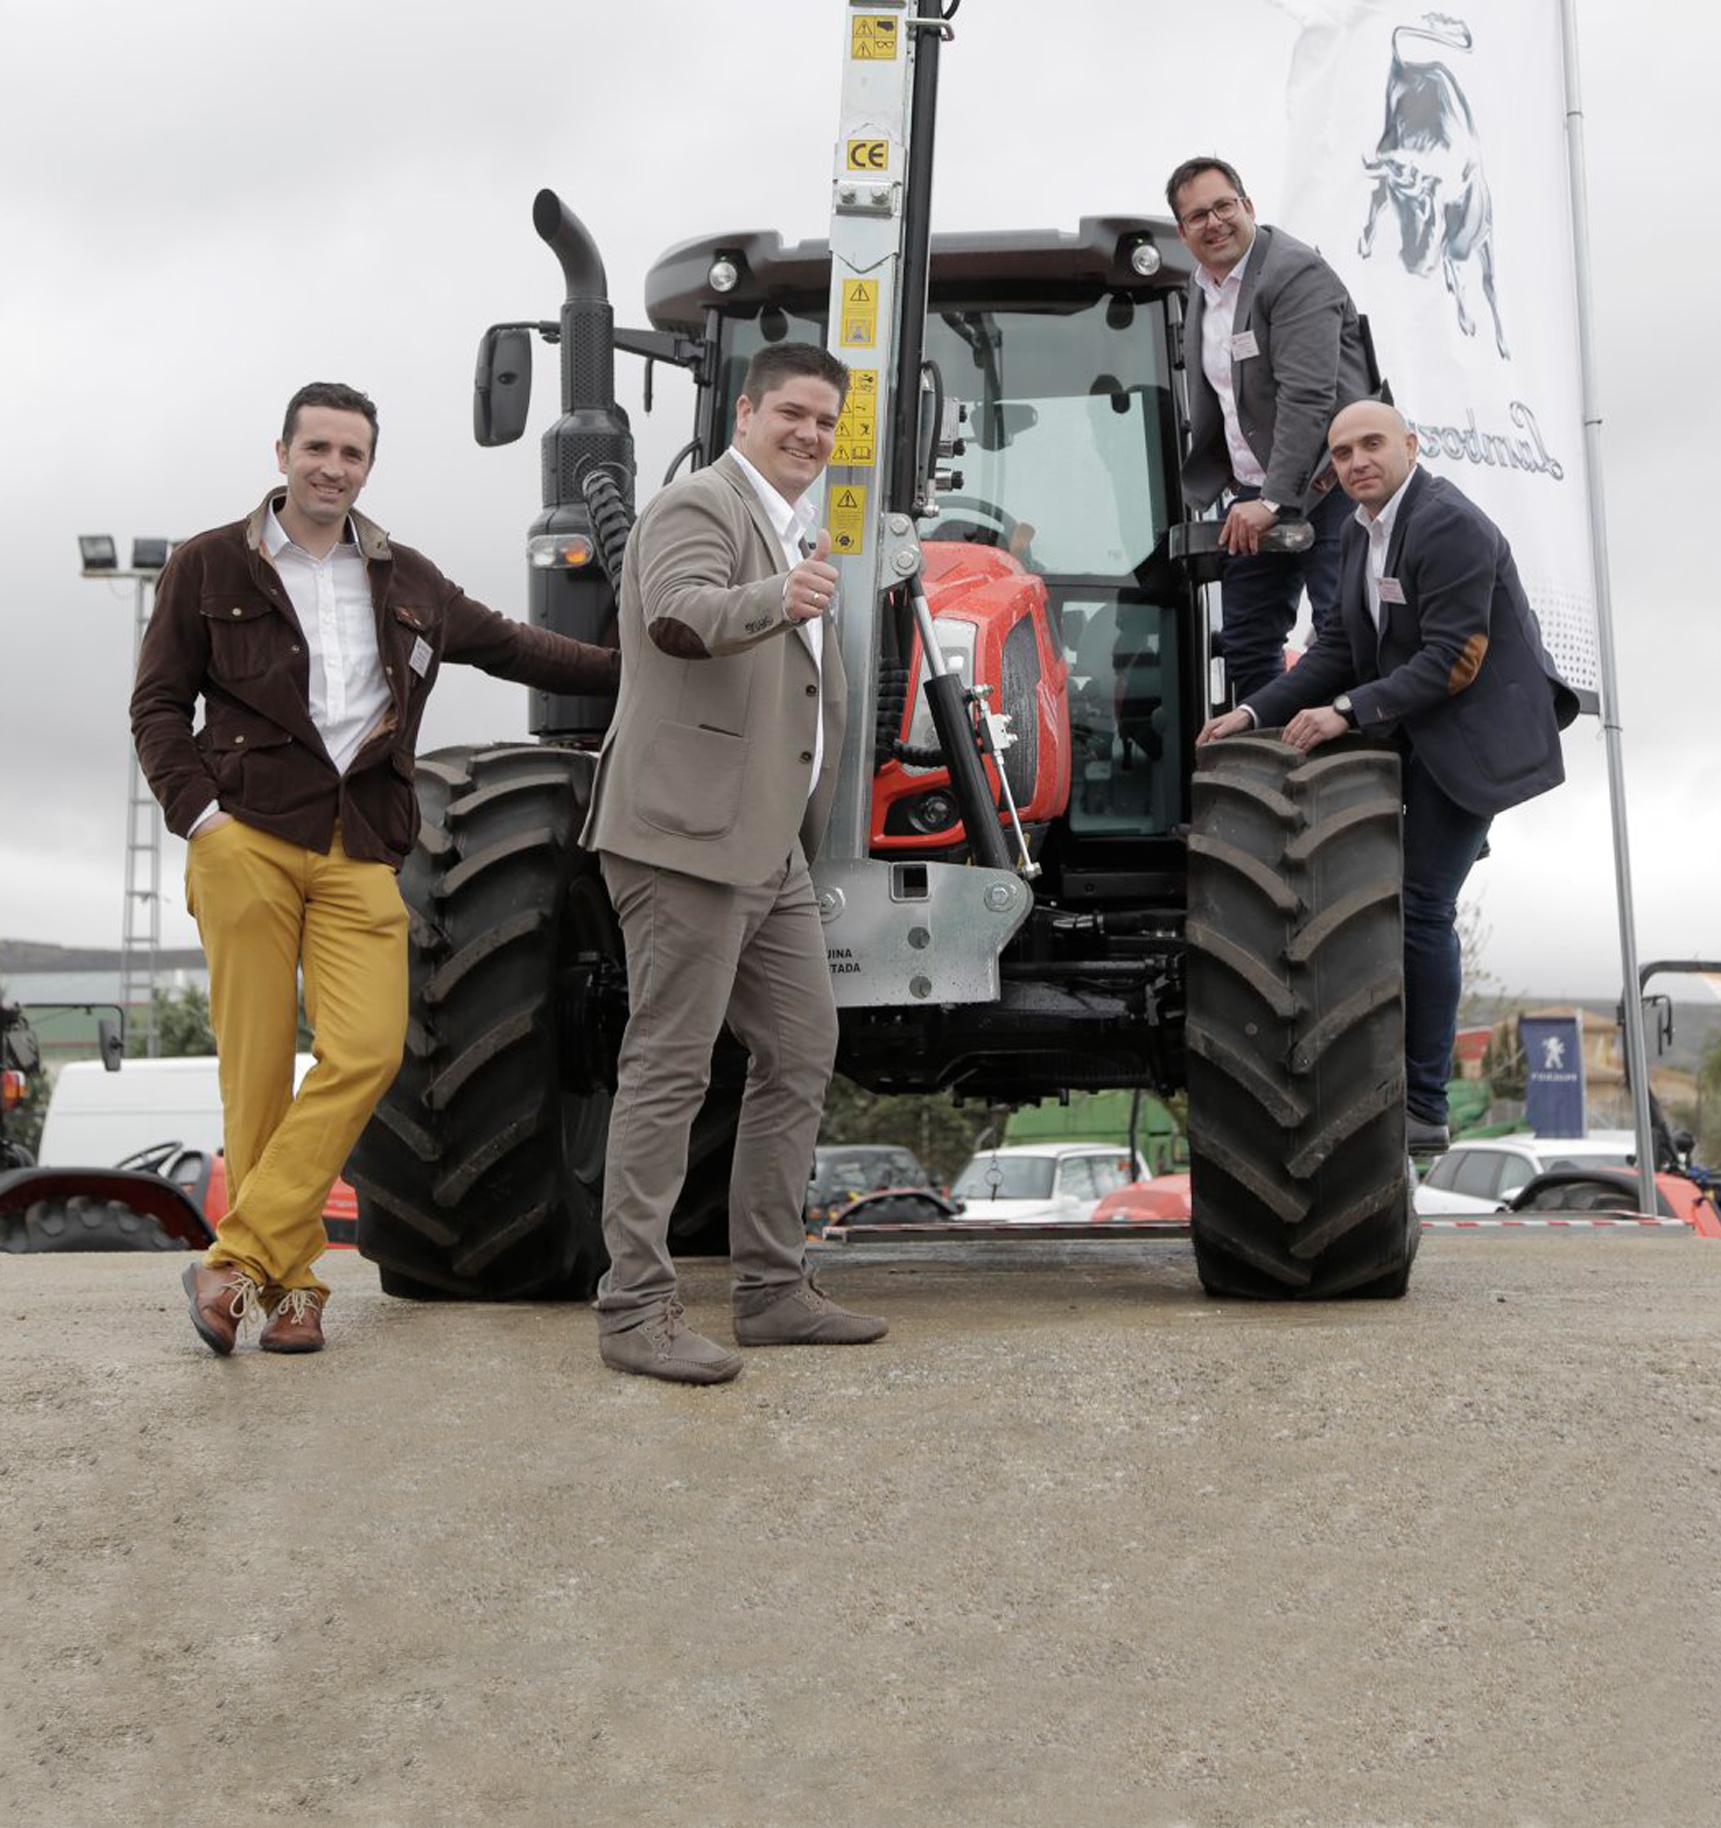 Descubre al equipo de Agrolabor Altiplano. Especialistas en maquinaria agrícola y de ocasión